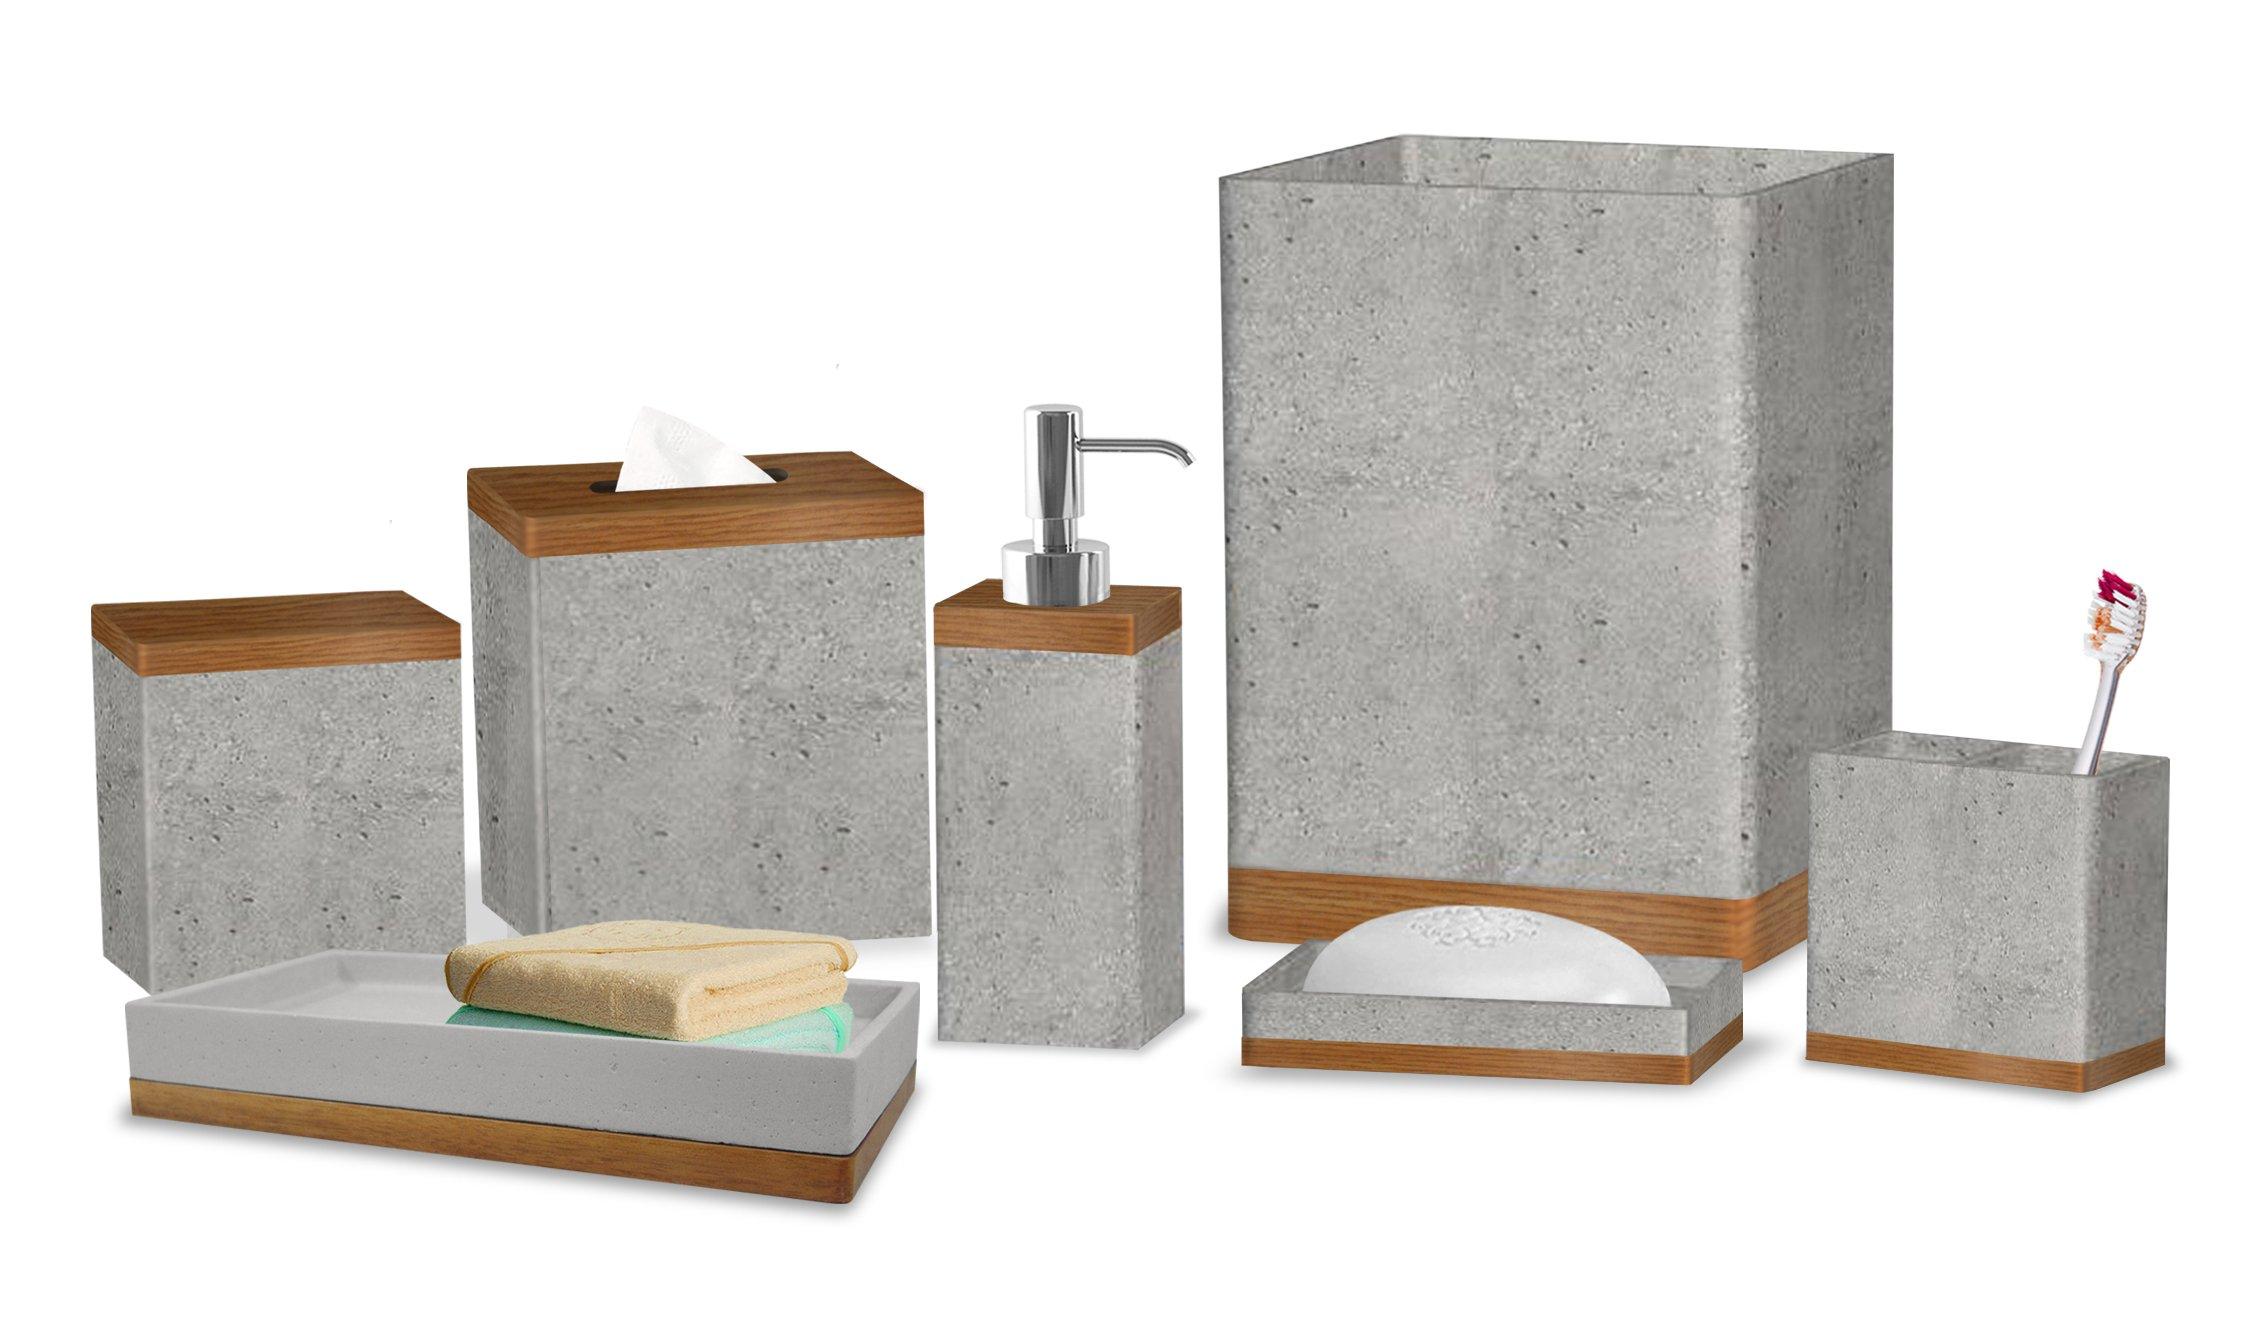 nu steel CON-7PC/SET Concrete 7Pc Set Bath Collection-Stone Grey